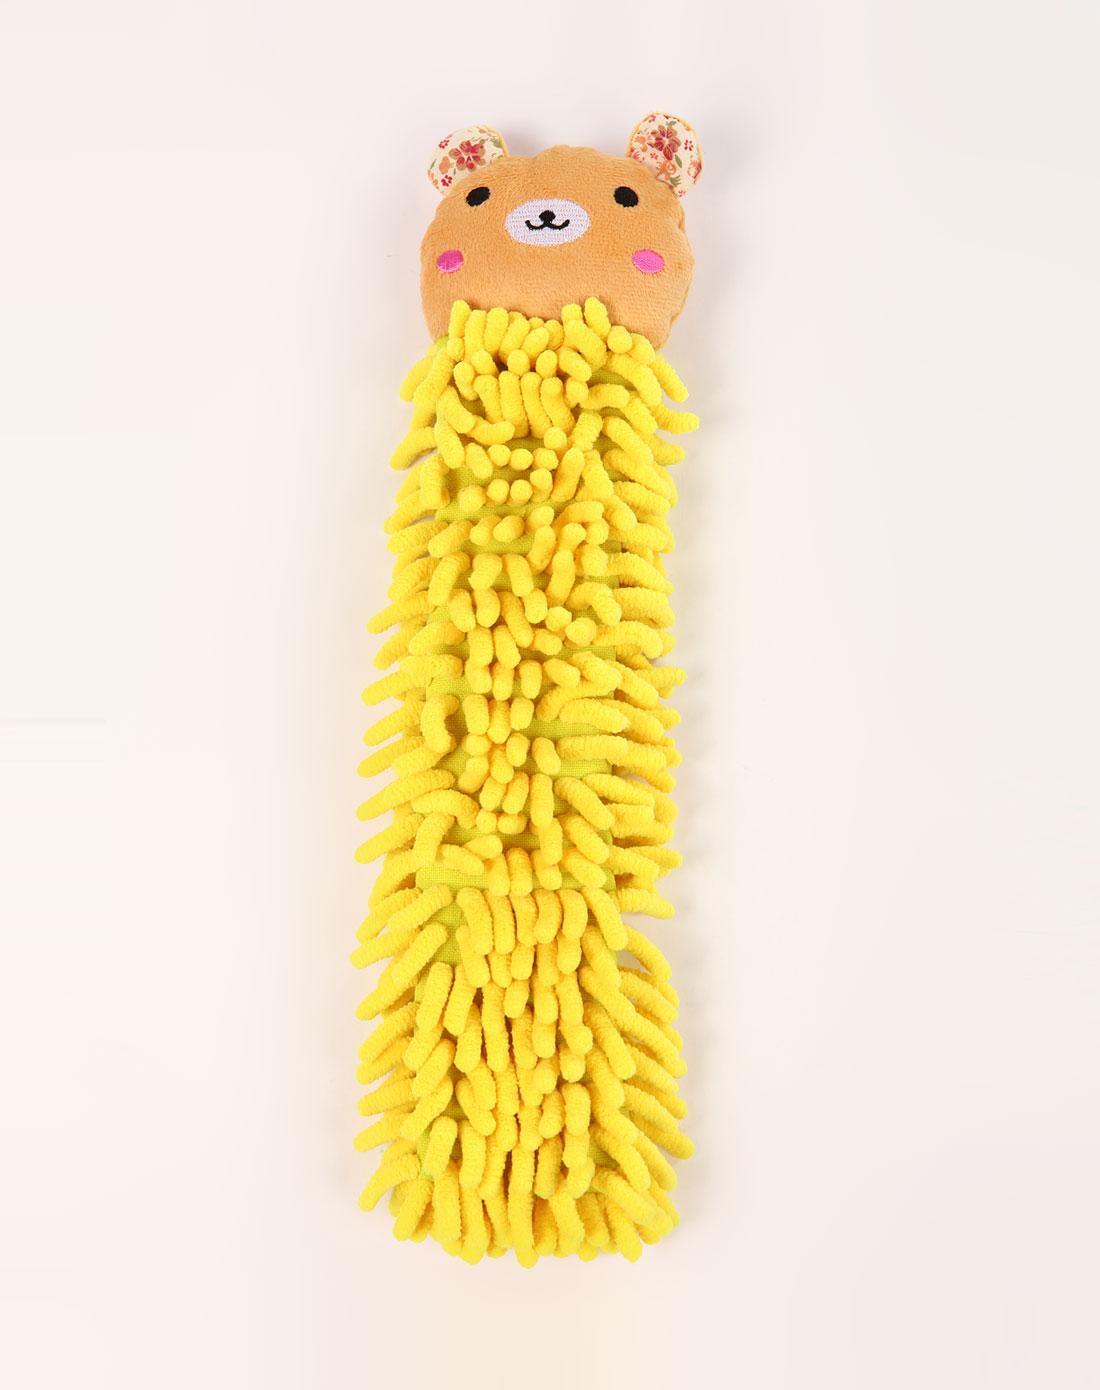 h&3动物造型超细纤维擦手巾黄色狗熊